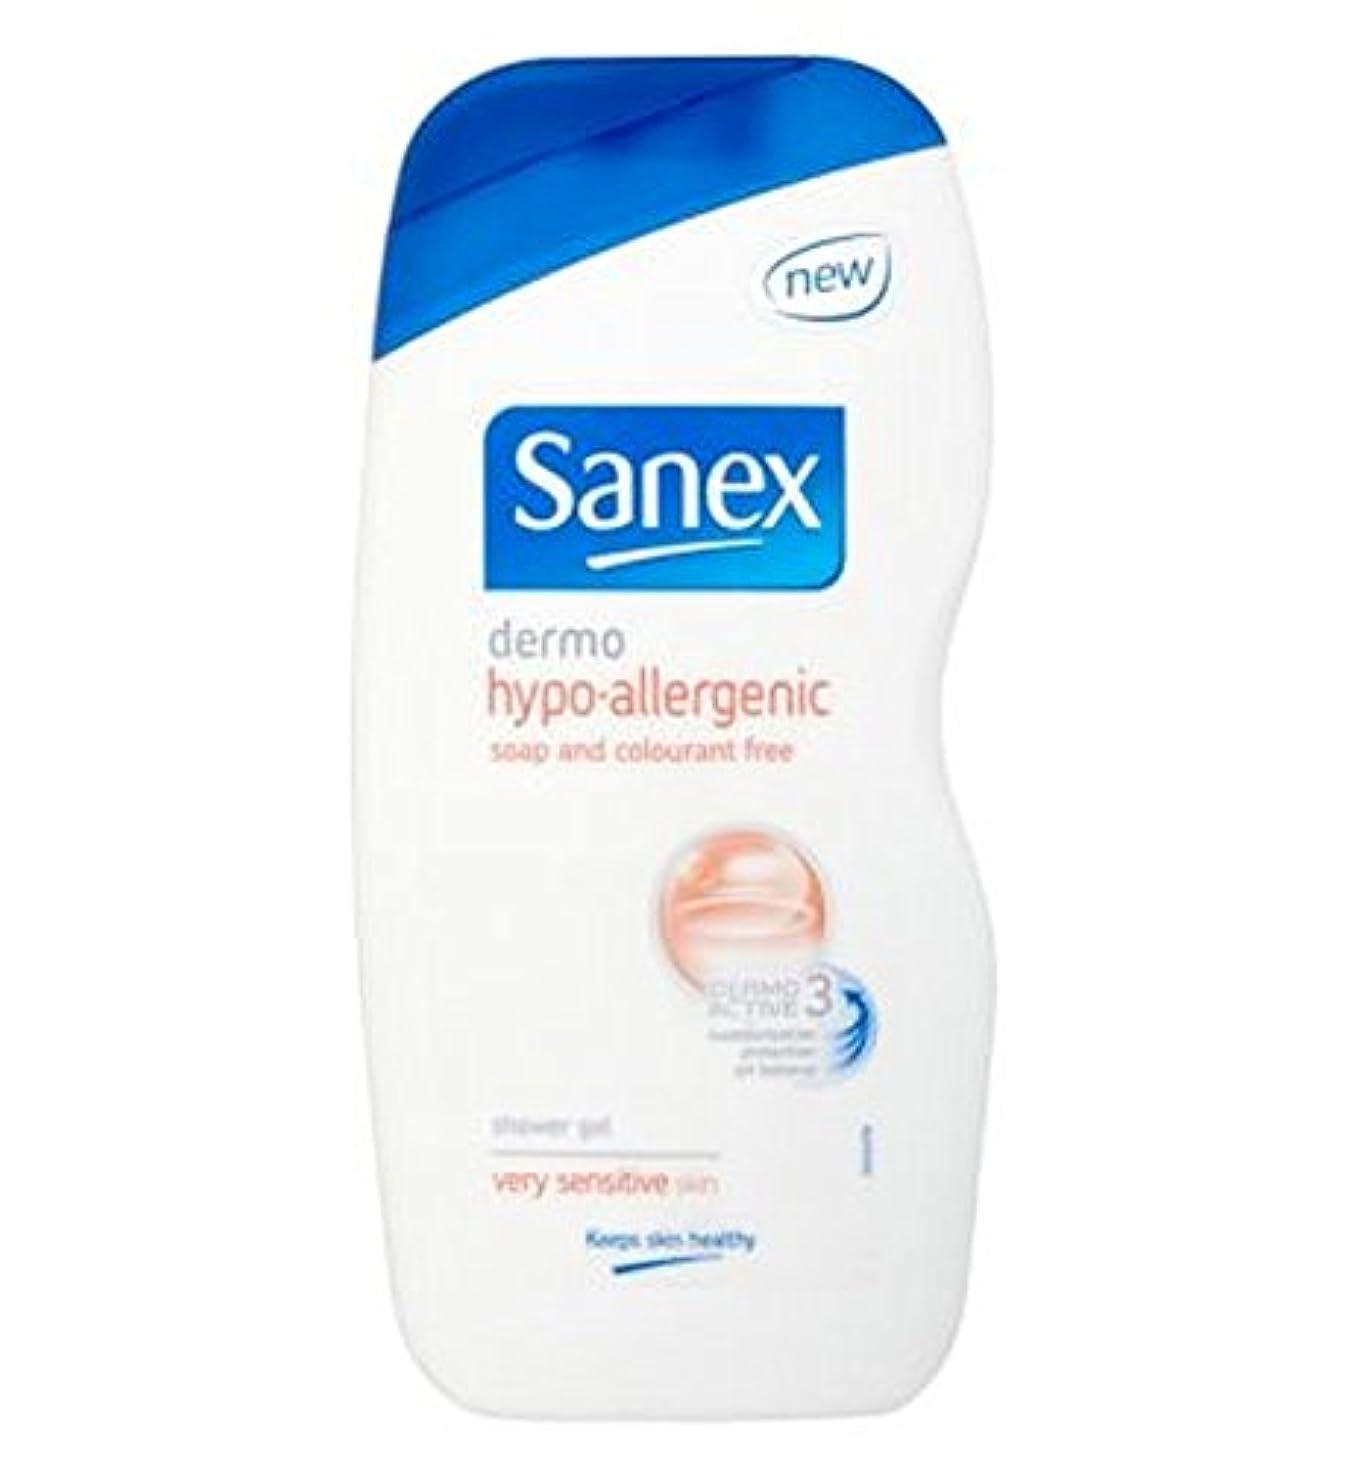 礼儀冷淡な指定するSanex低刺激性のシャワージェル500ミリリットル (Sanex) (x2) - Sanex Hypoallergenic Shower Gel 500ml (Pack of 2) [並行輸入品]